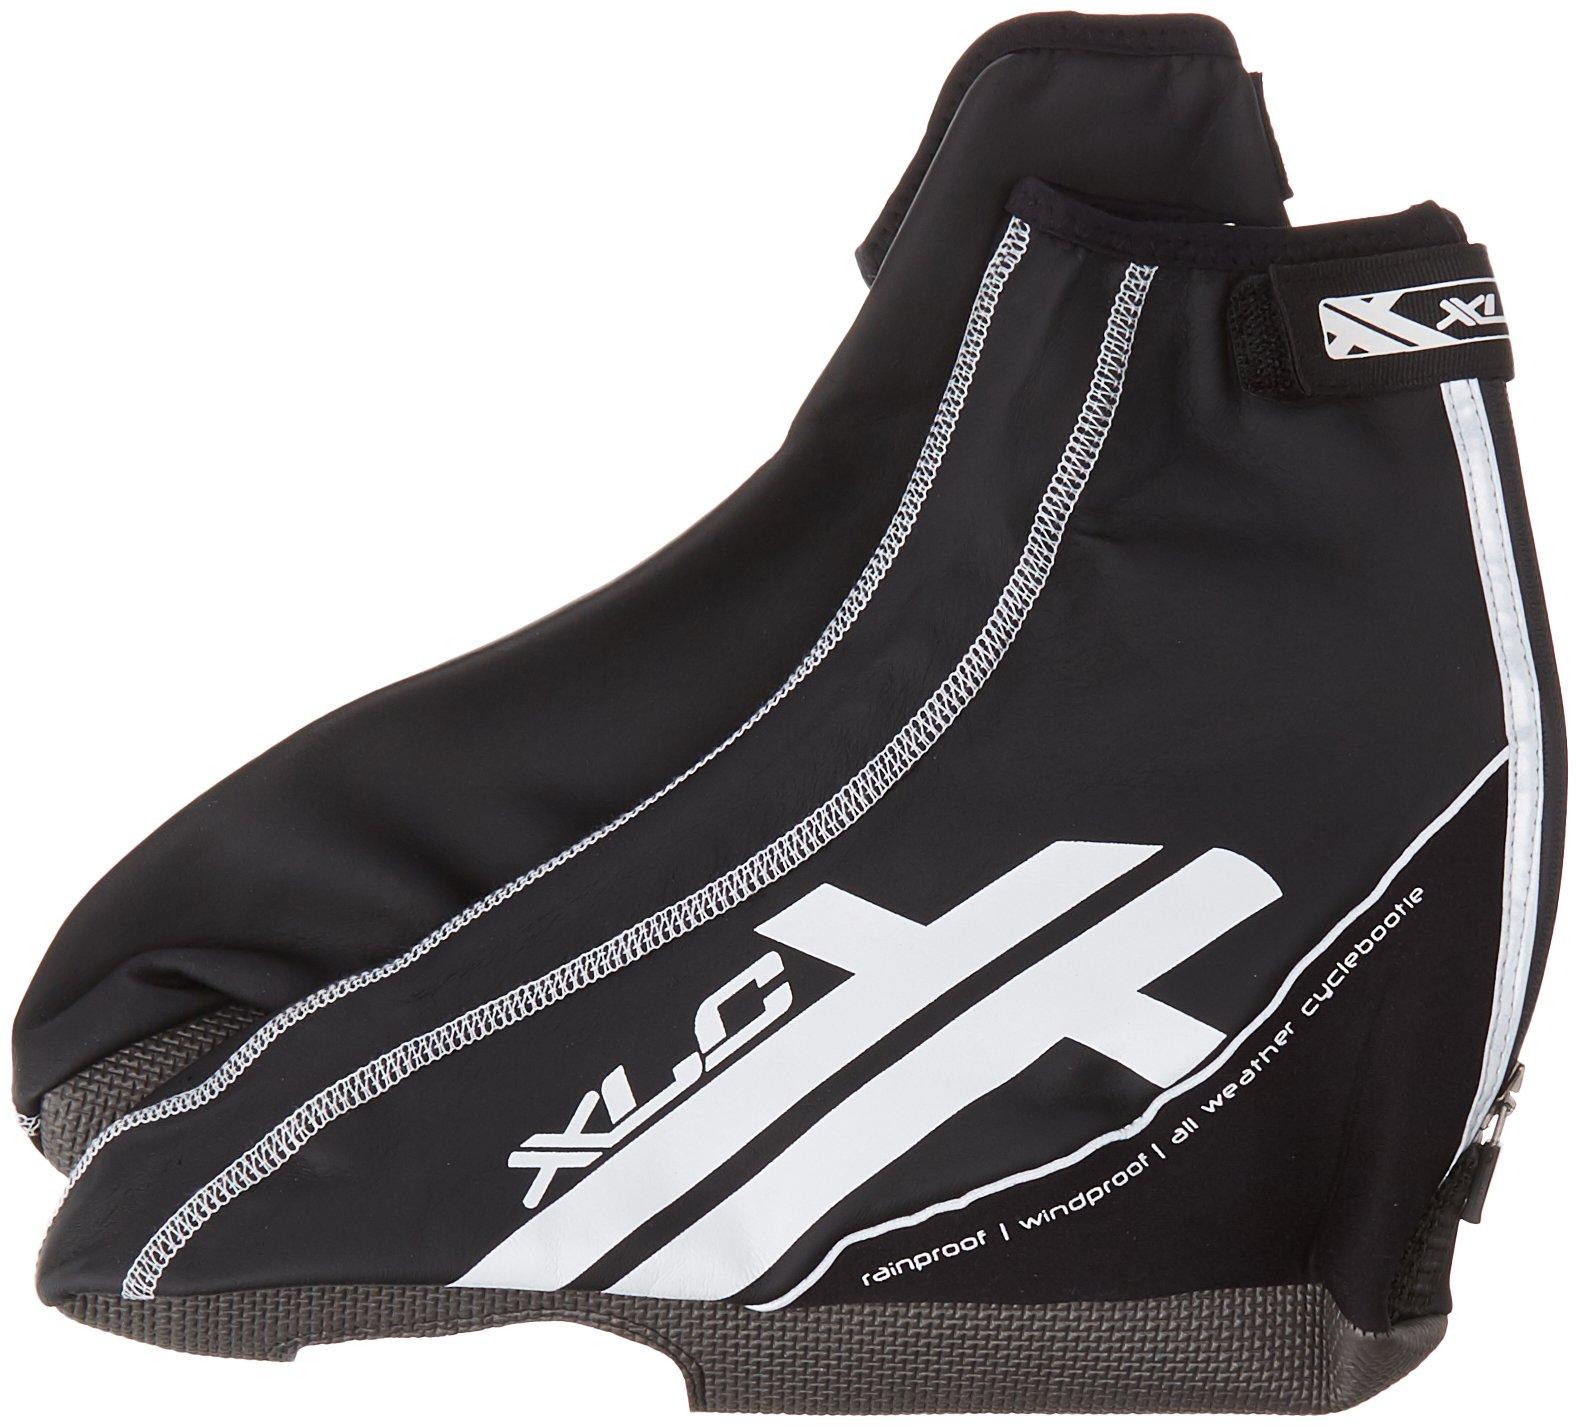 XLC Herren 2510001000 Cyclebooties, schwarz, 37/38